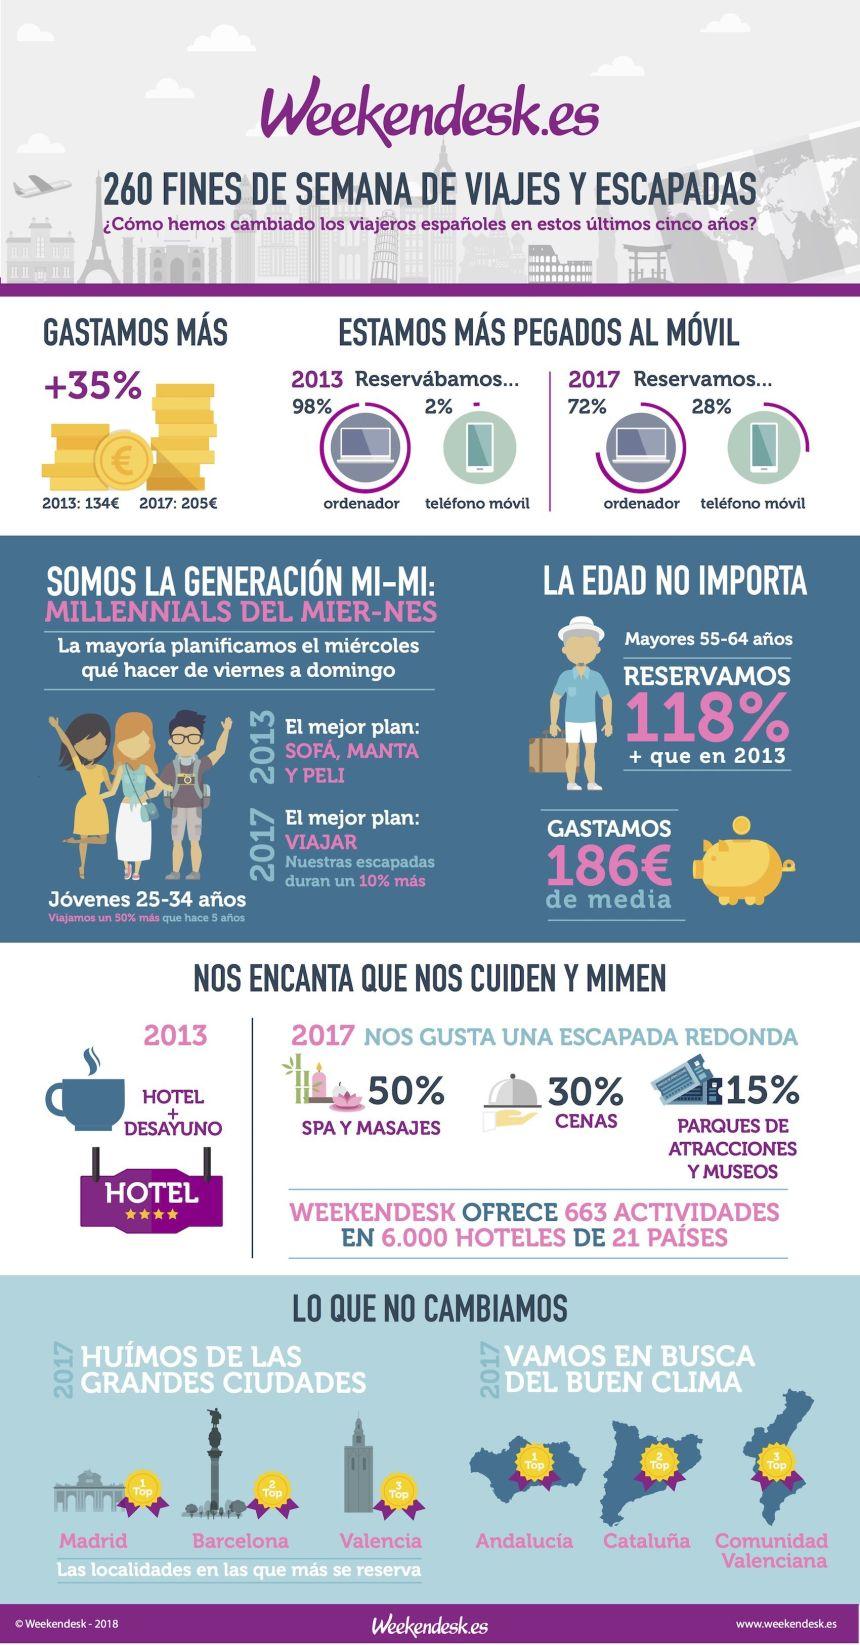 Cómo han cambiado los viajeros españoles en 5 años